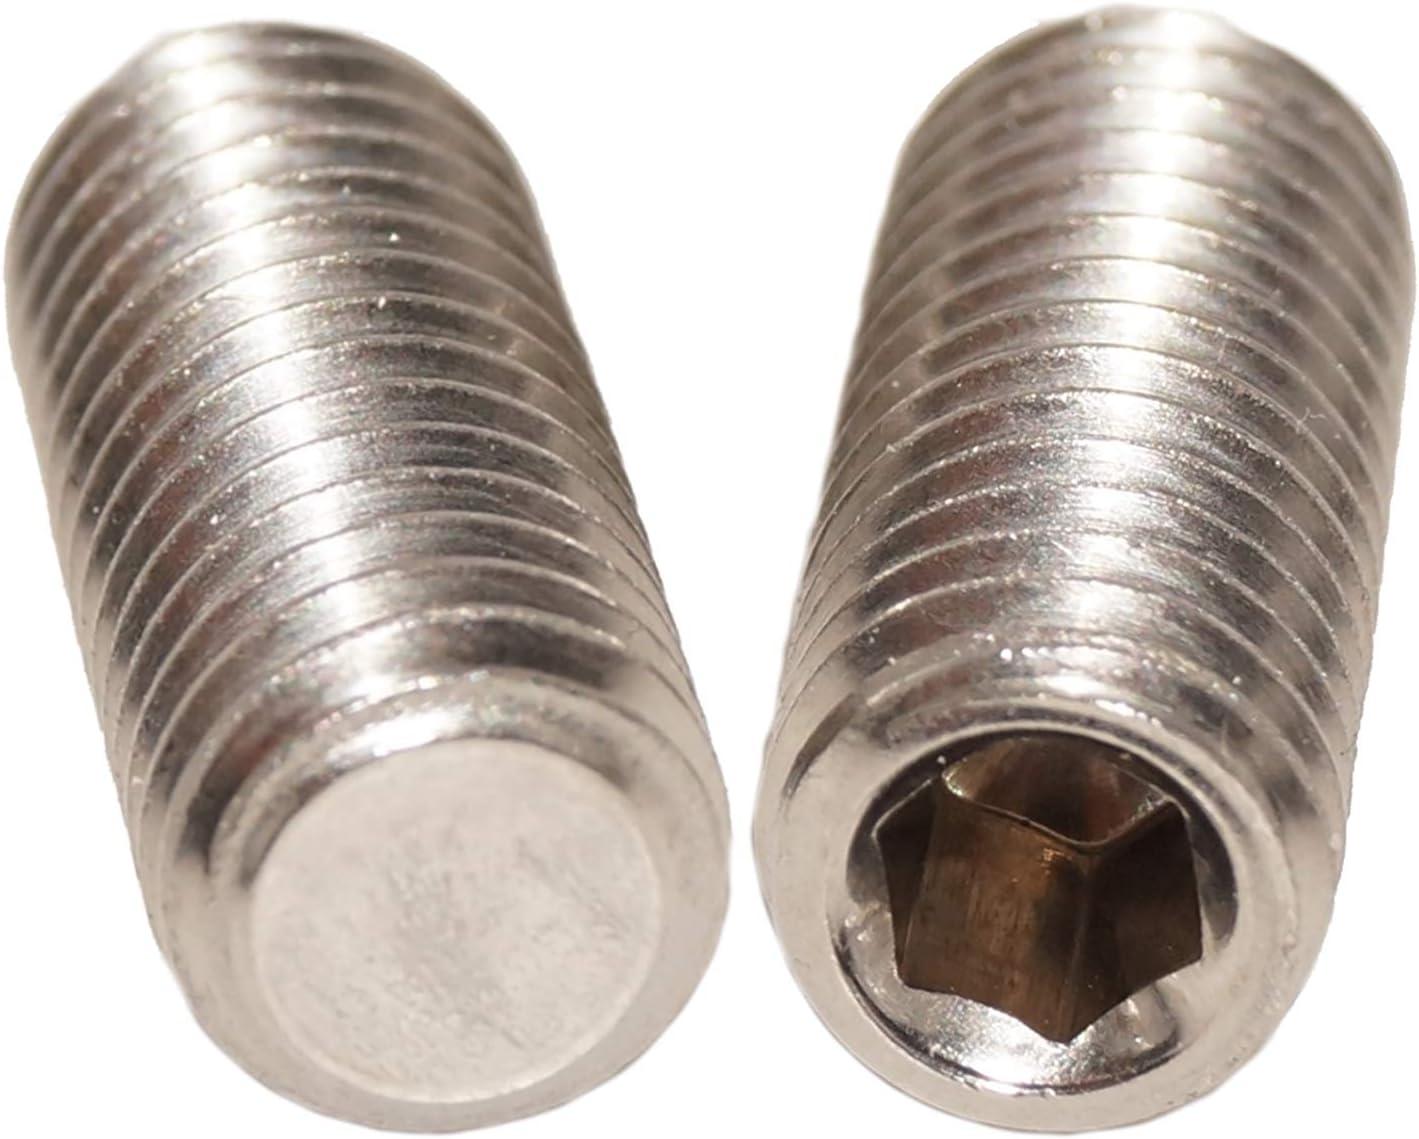 Gewindestifte M4x30 mit Innensechskant und Kegelkuppe 50 St/ück Madenschrauben ISO 4026 A2 Edelstahl